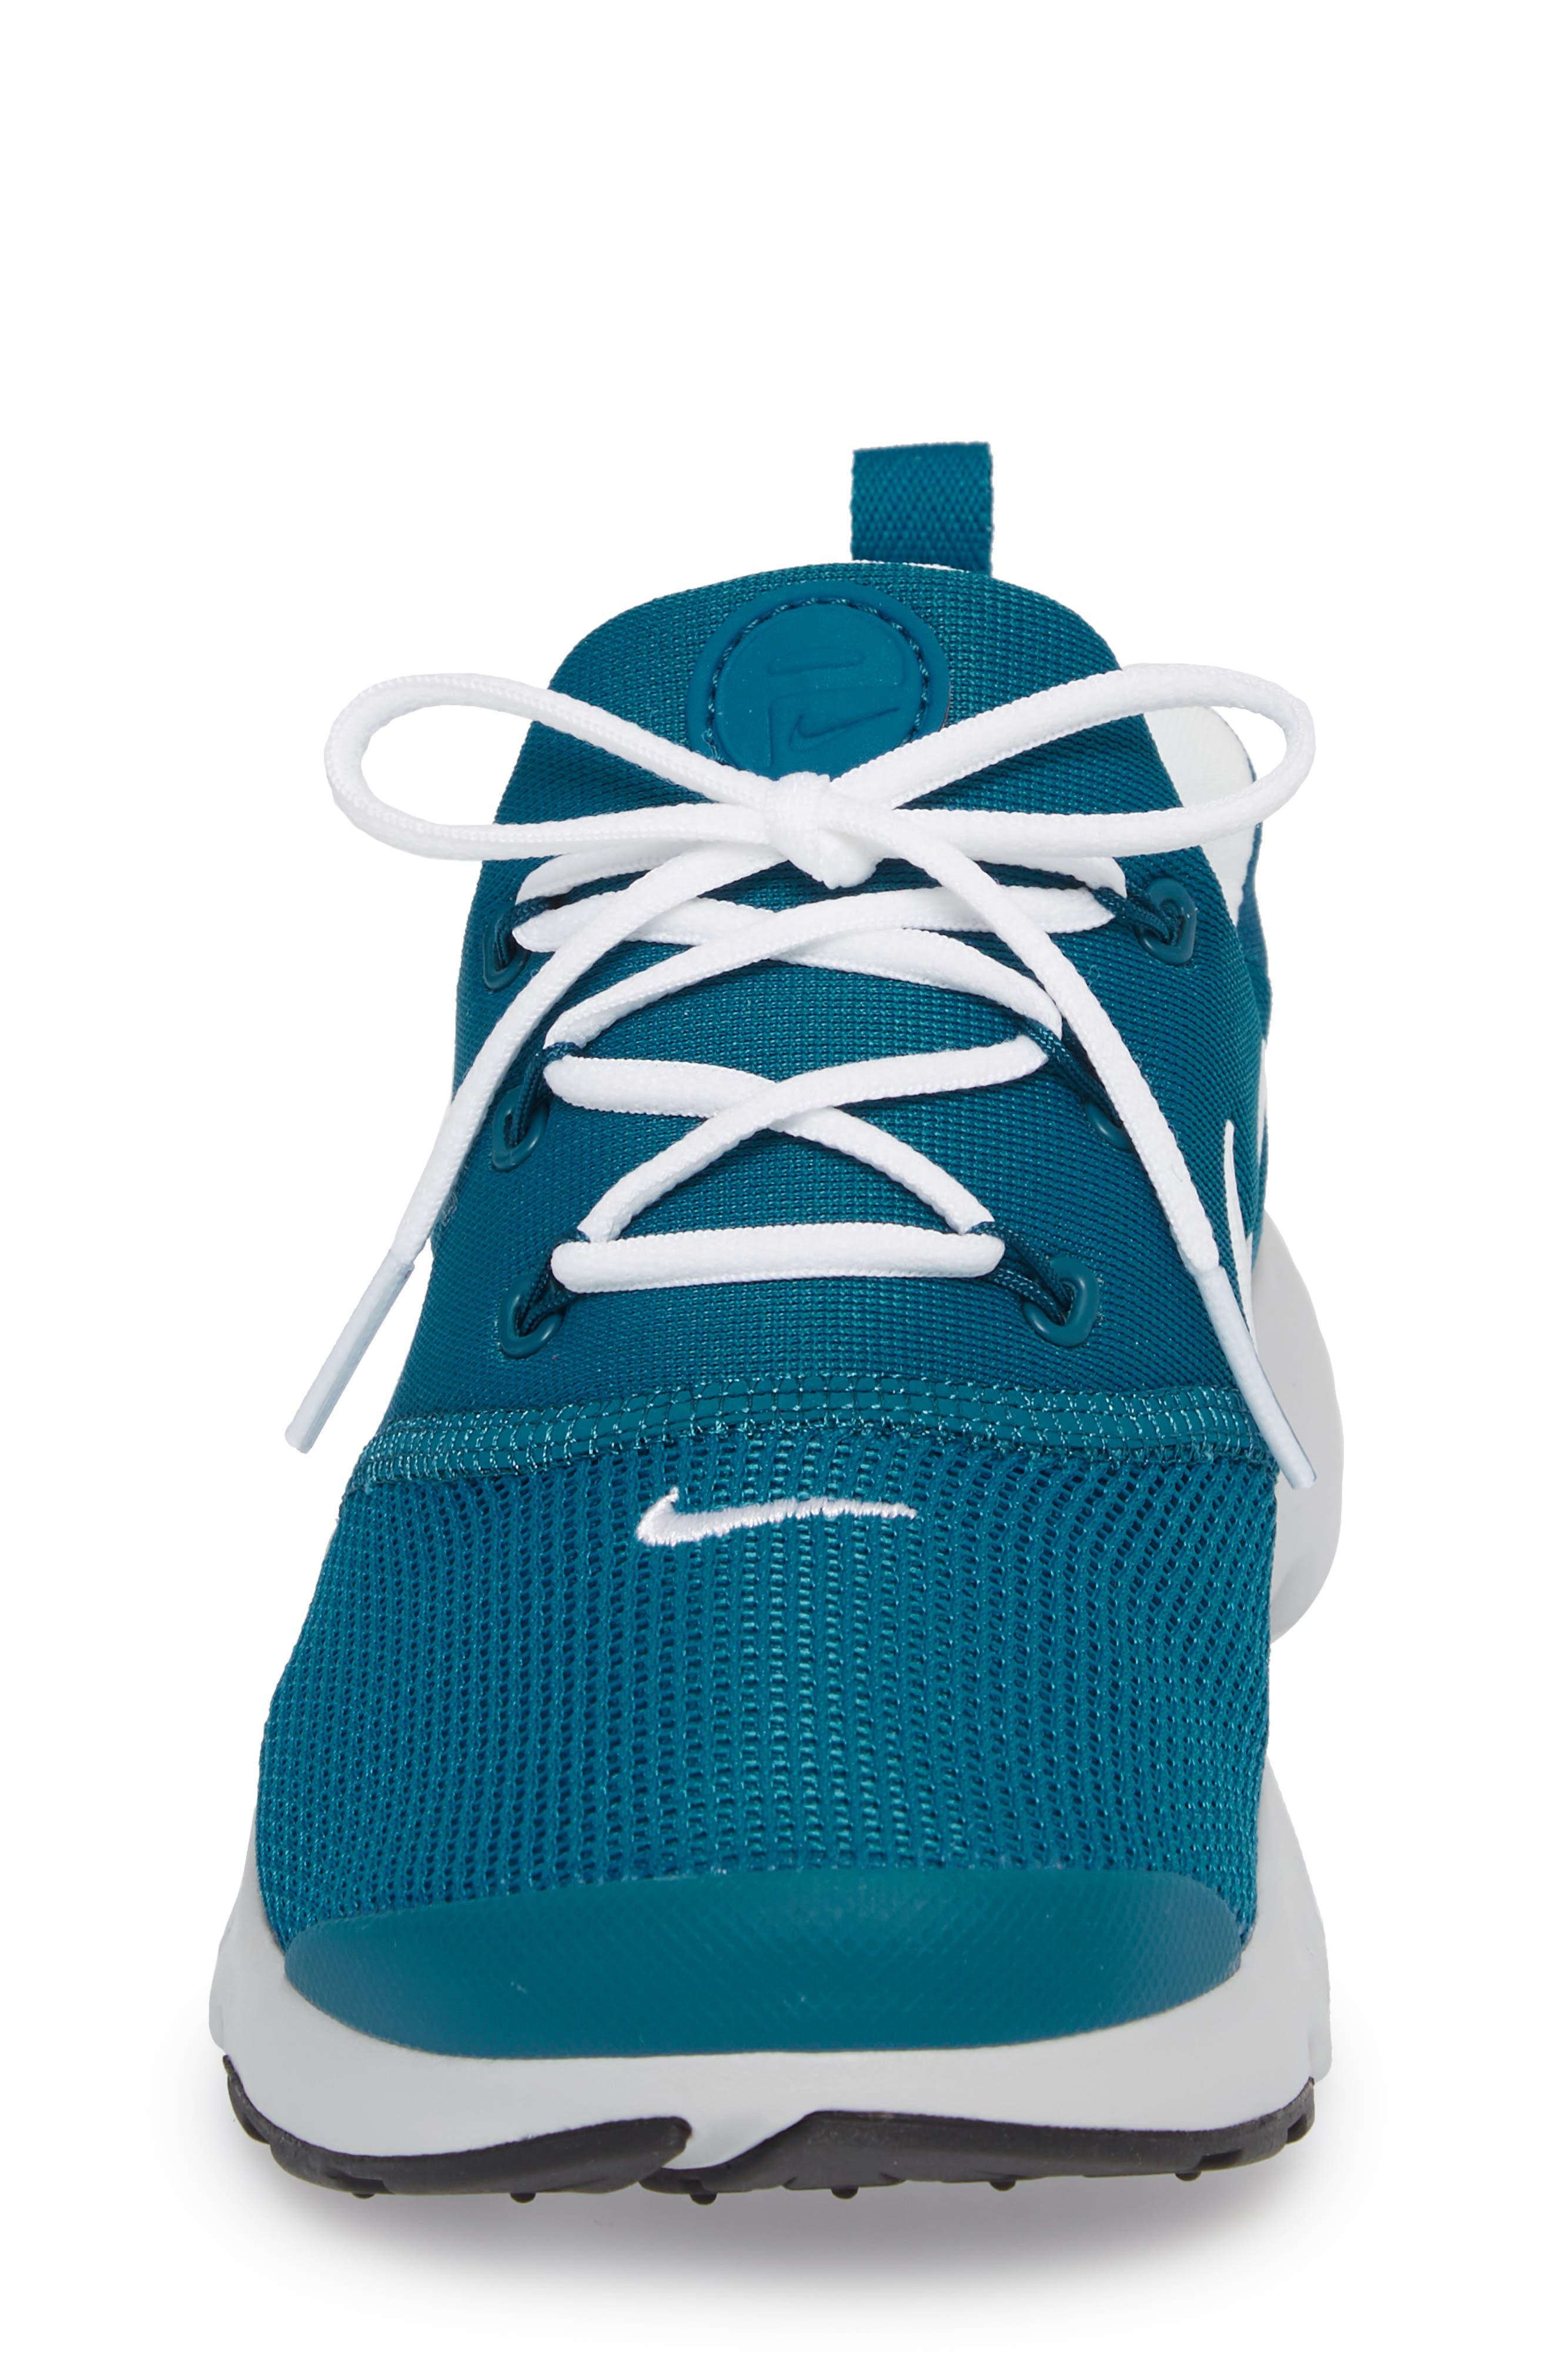 Alternate Image 4  - Nike Presto Fly Sneaker (Toddler & Little Kid)